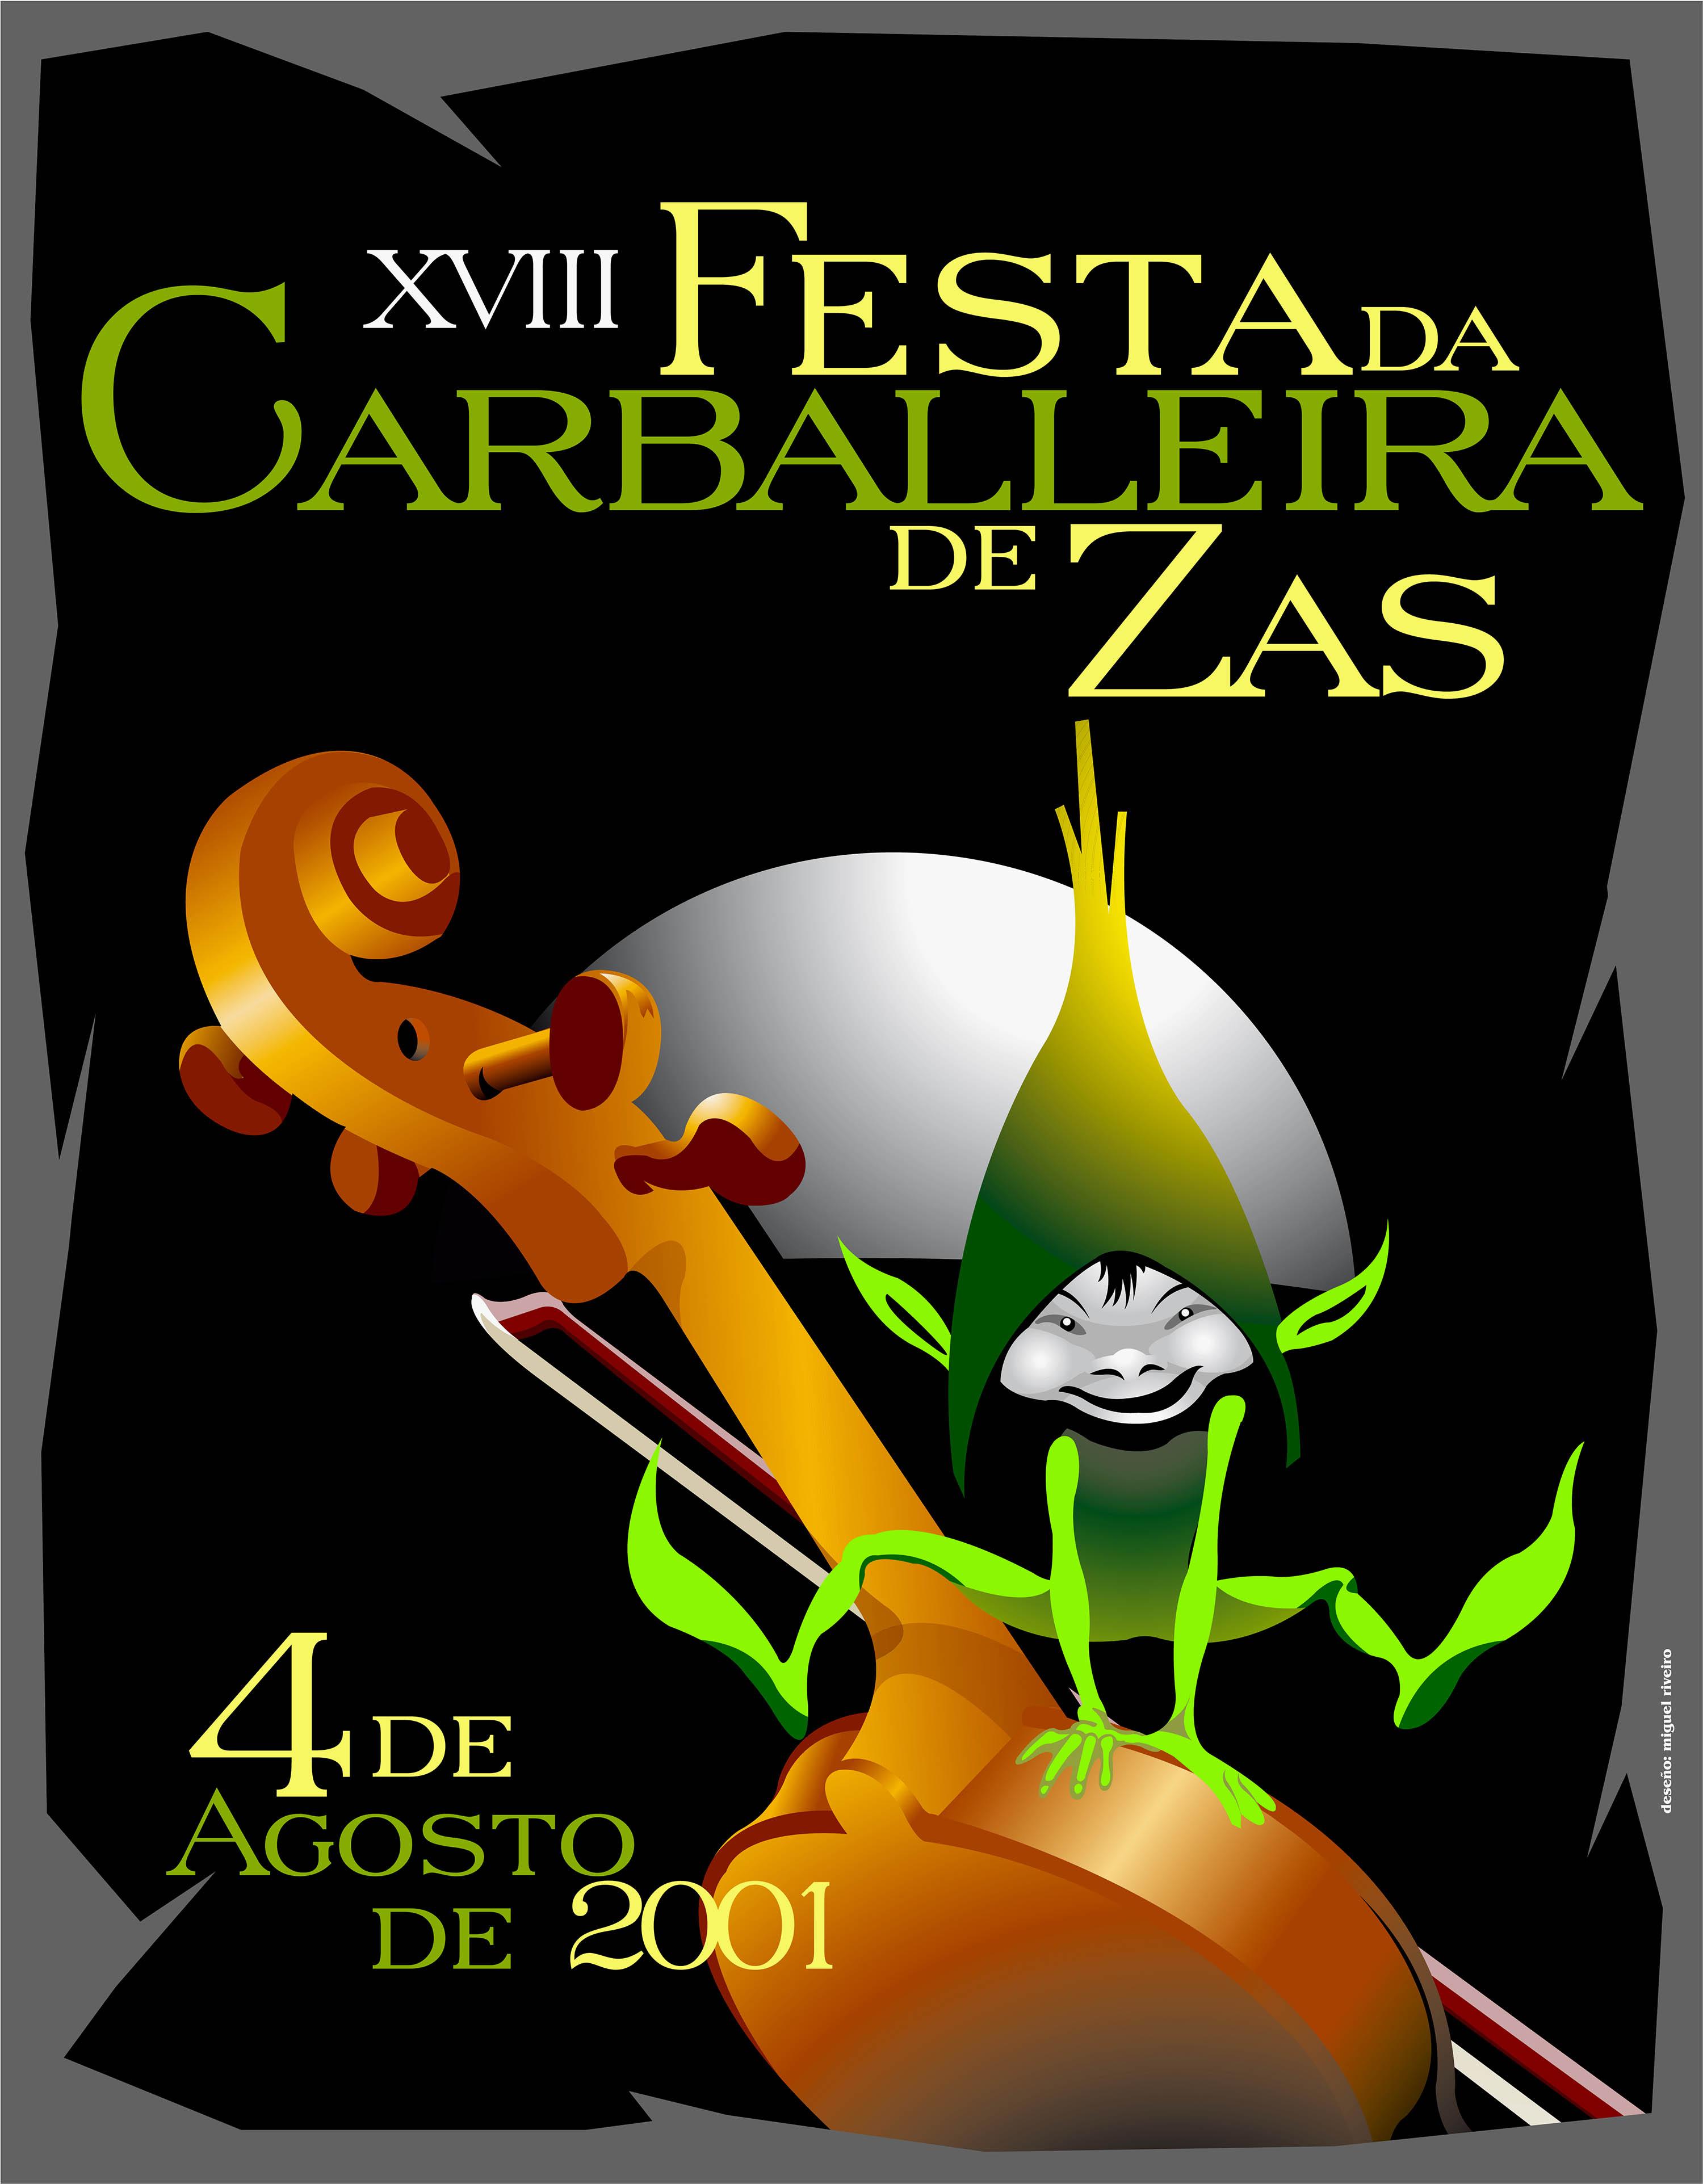 Cartel Festa Carballeira 2001